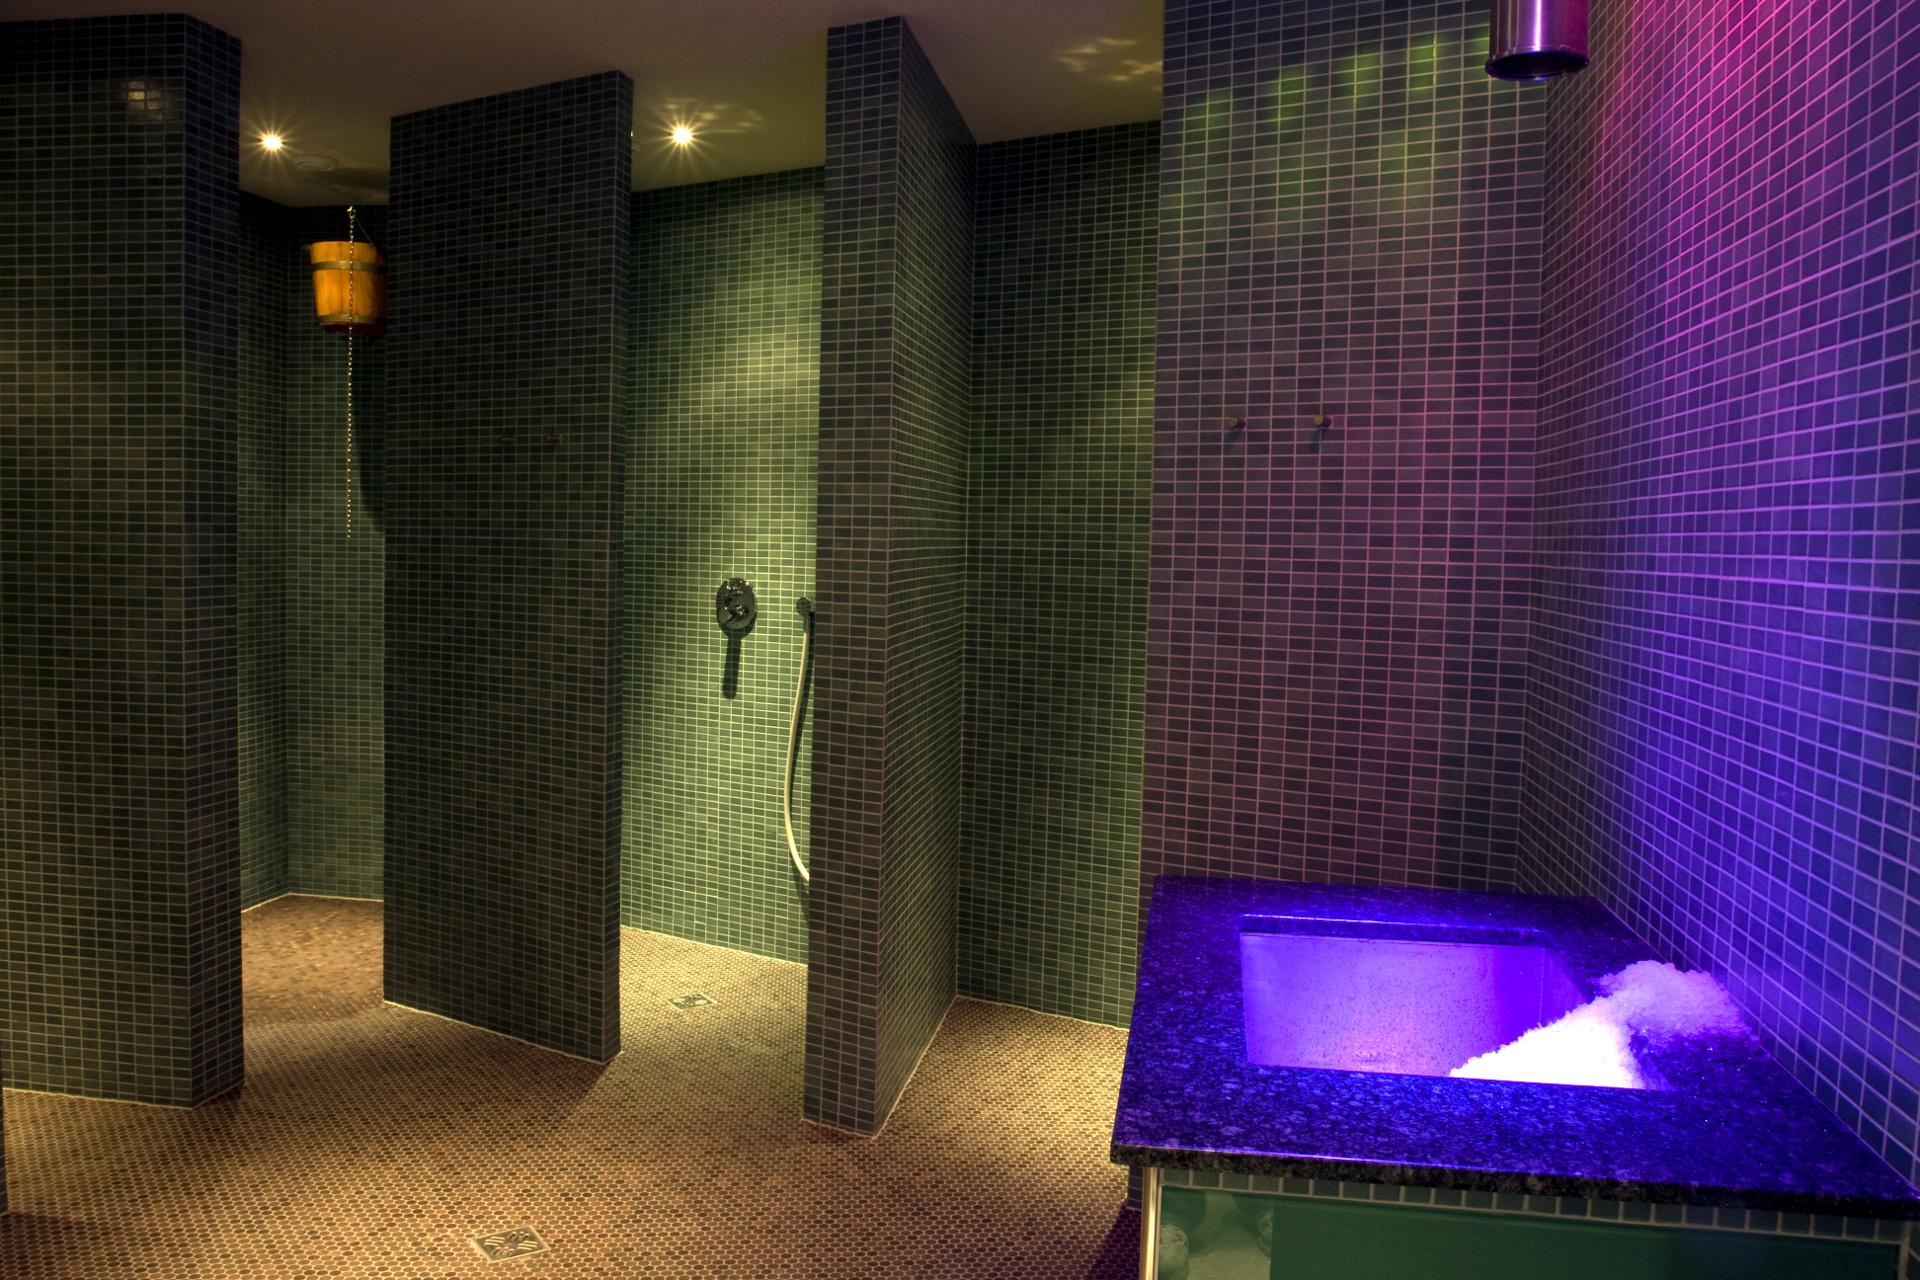 sauna showers